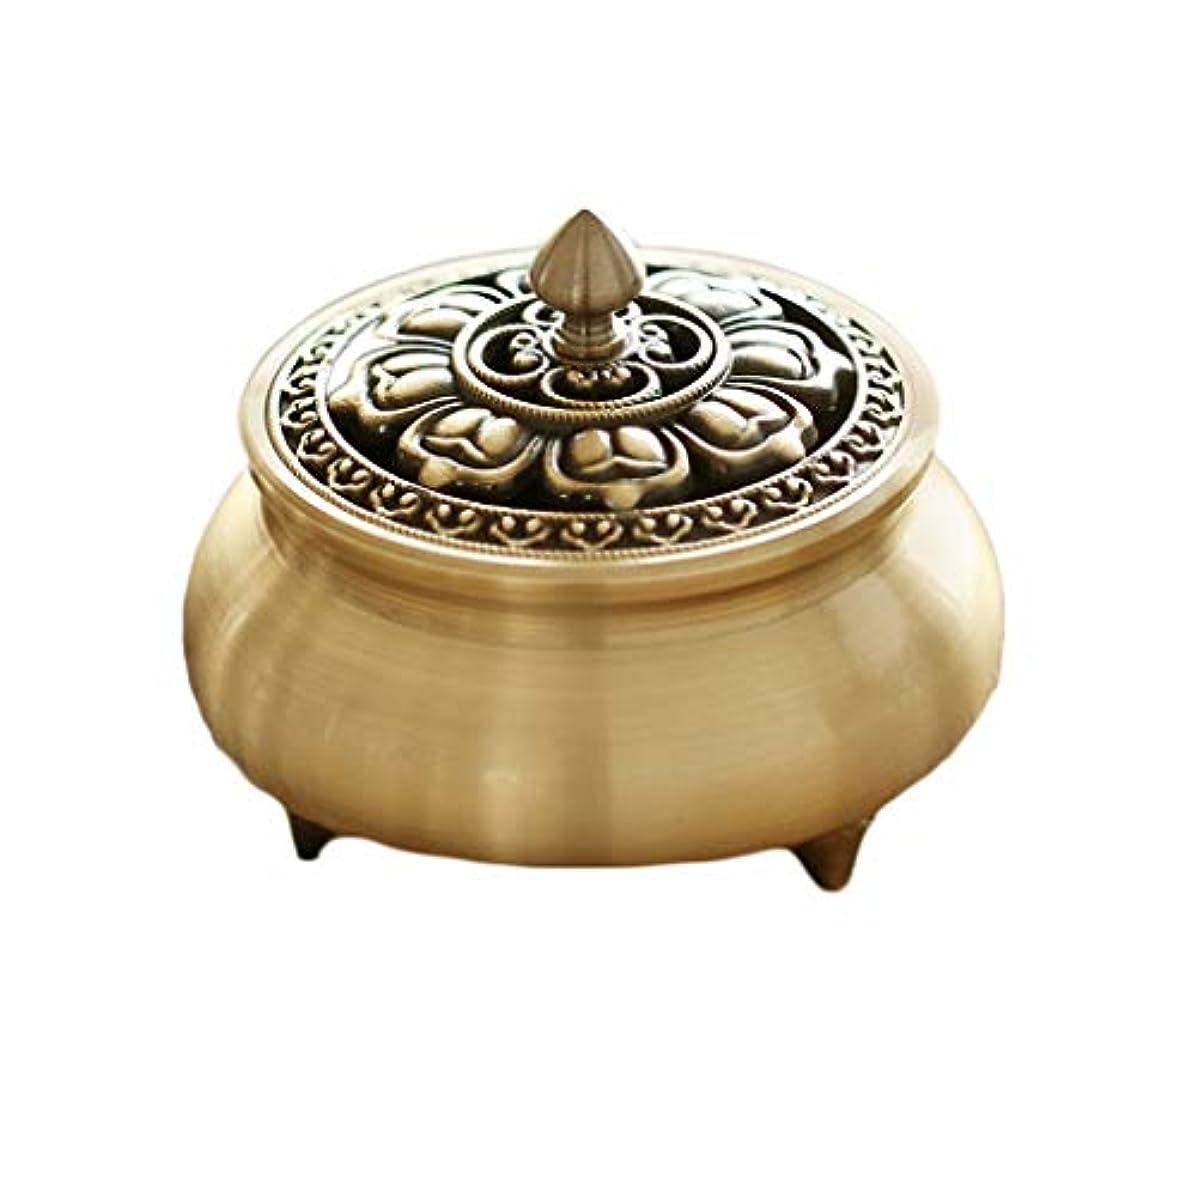 手配する同級生罰芳香器?アロマバーナー 純粋な銅香炉ホームアンティーク白檀用仏寒天香炉香り装飾アロマセラピー炉 アロマバーナー (Color : Brass)